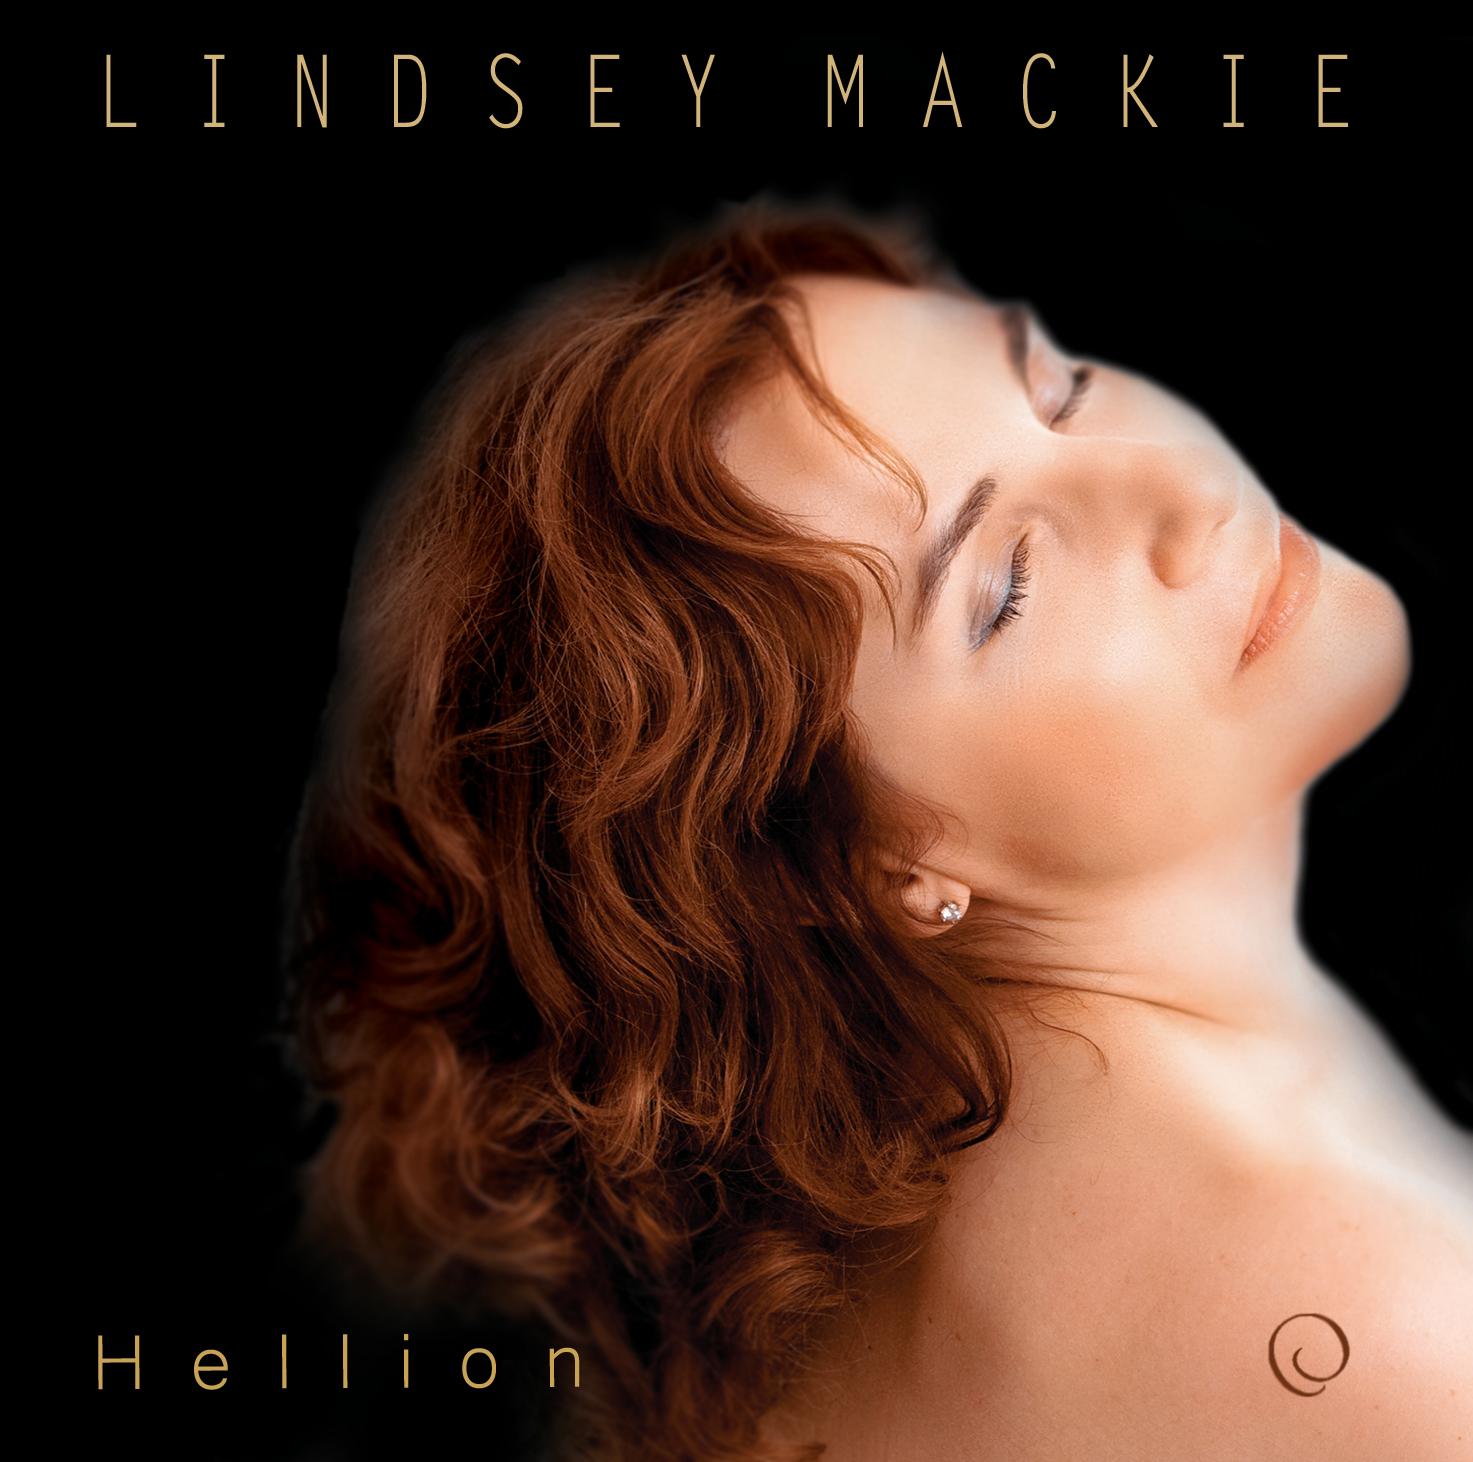 Lindsey Mackie